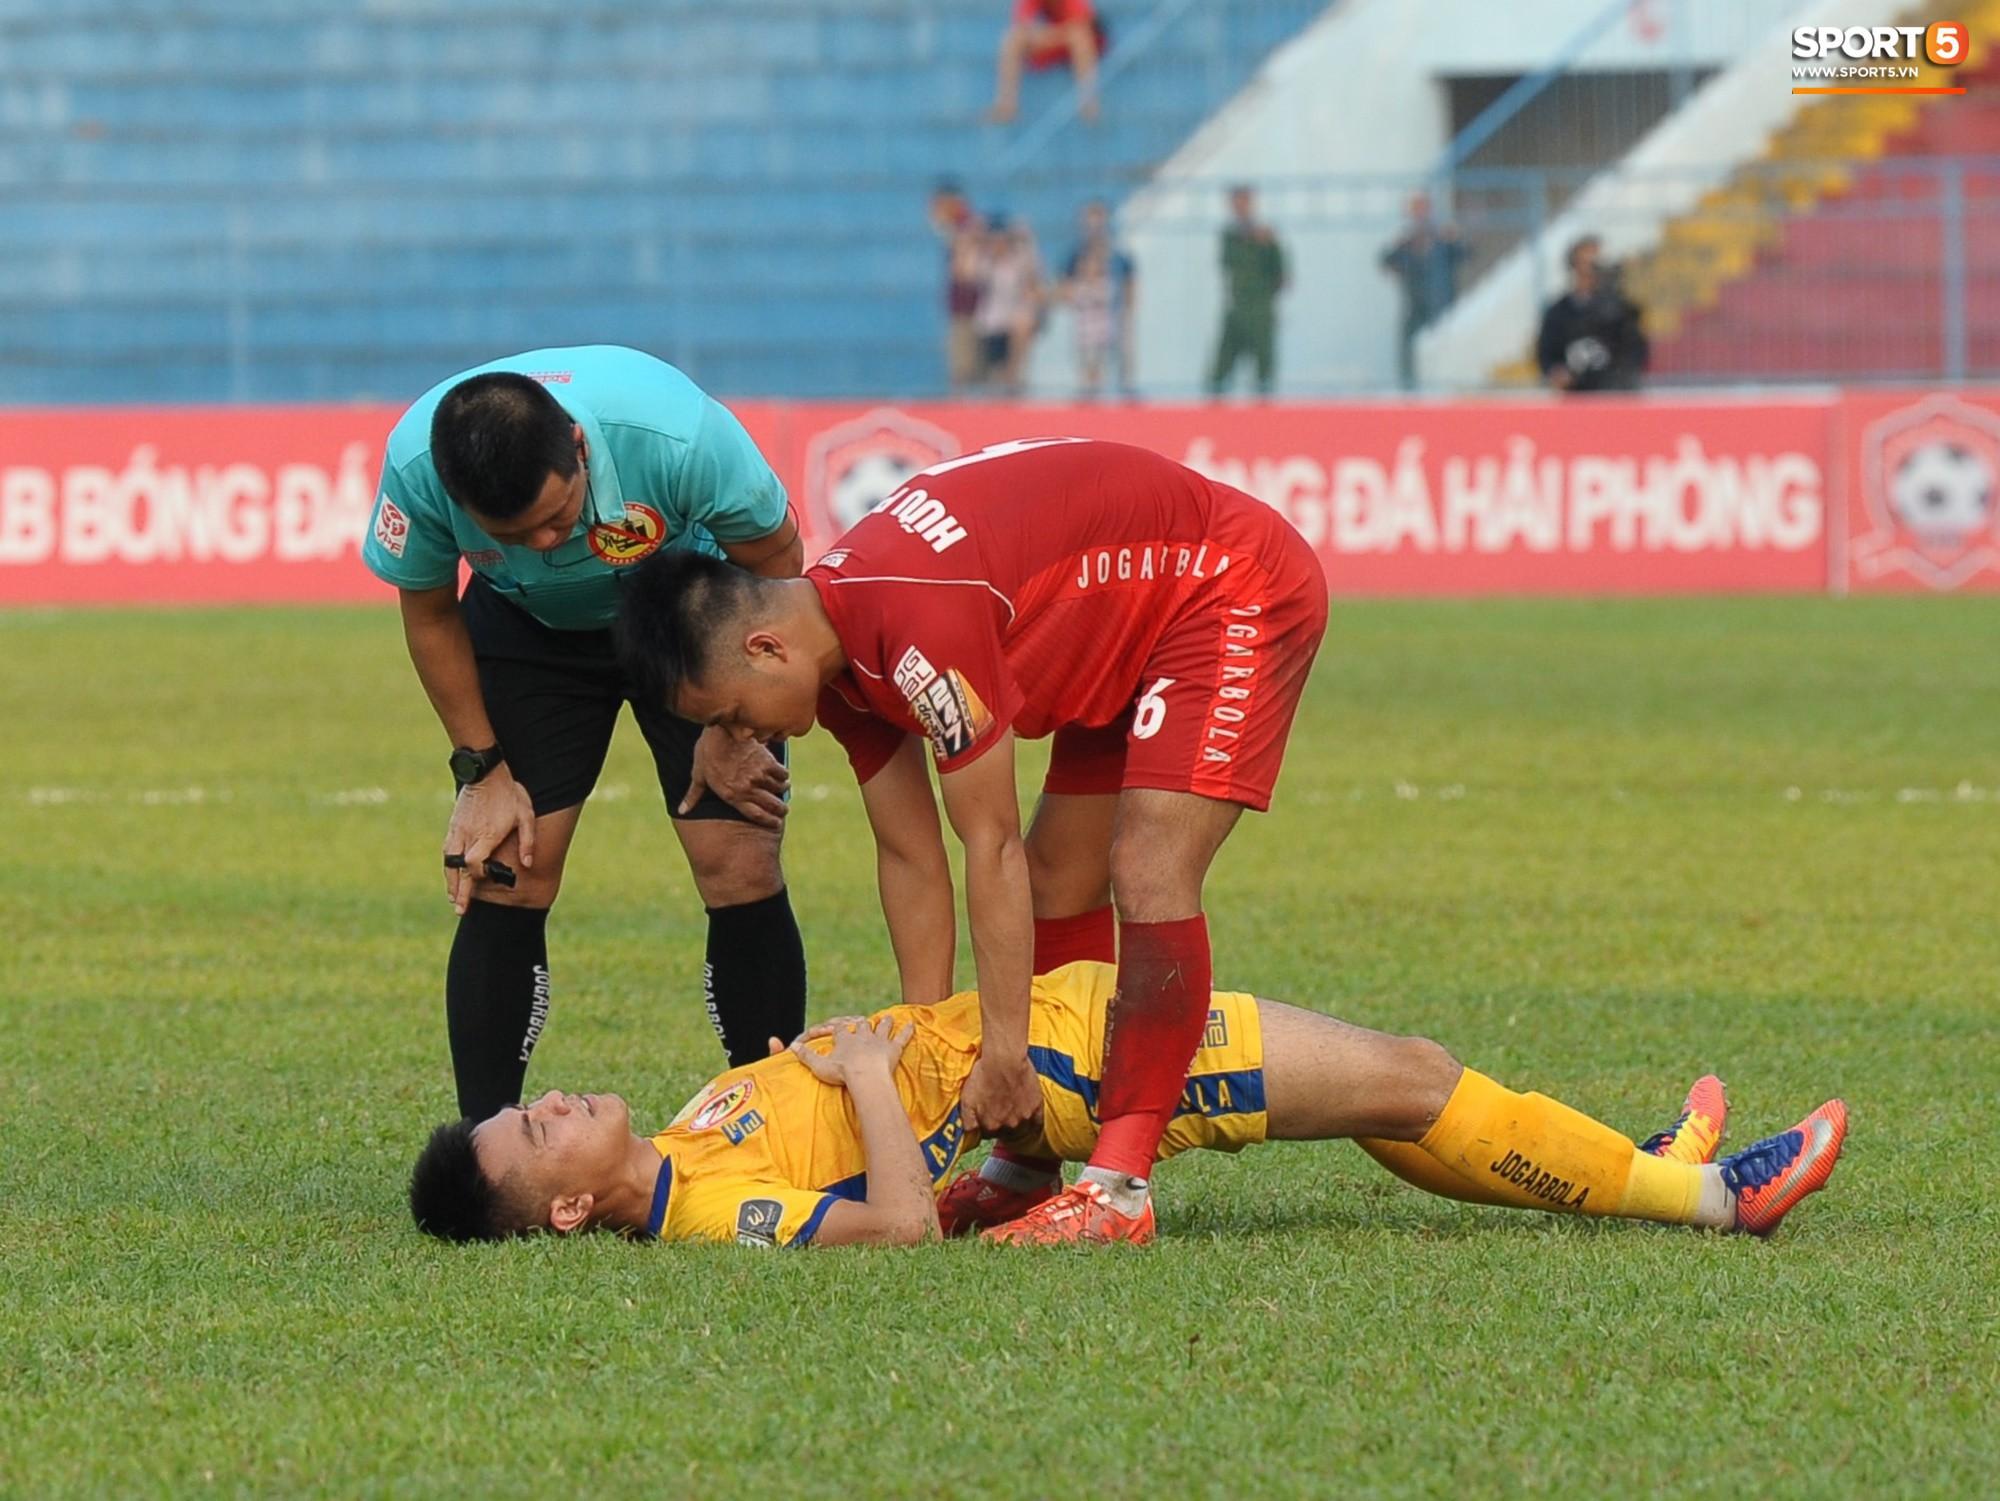 Hành động đẹp của cầu thủ Hải Phòng trong trận cầu nảy lửa với Thanh Hoá - Ảnh 9.